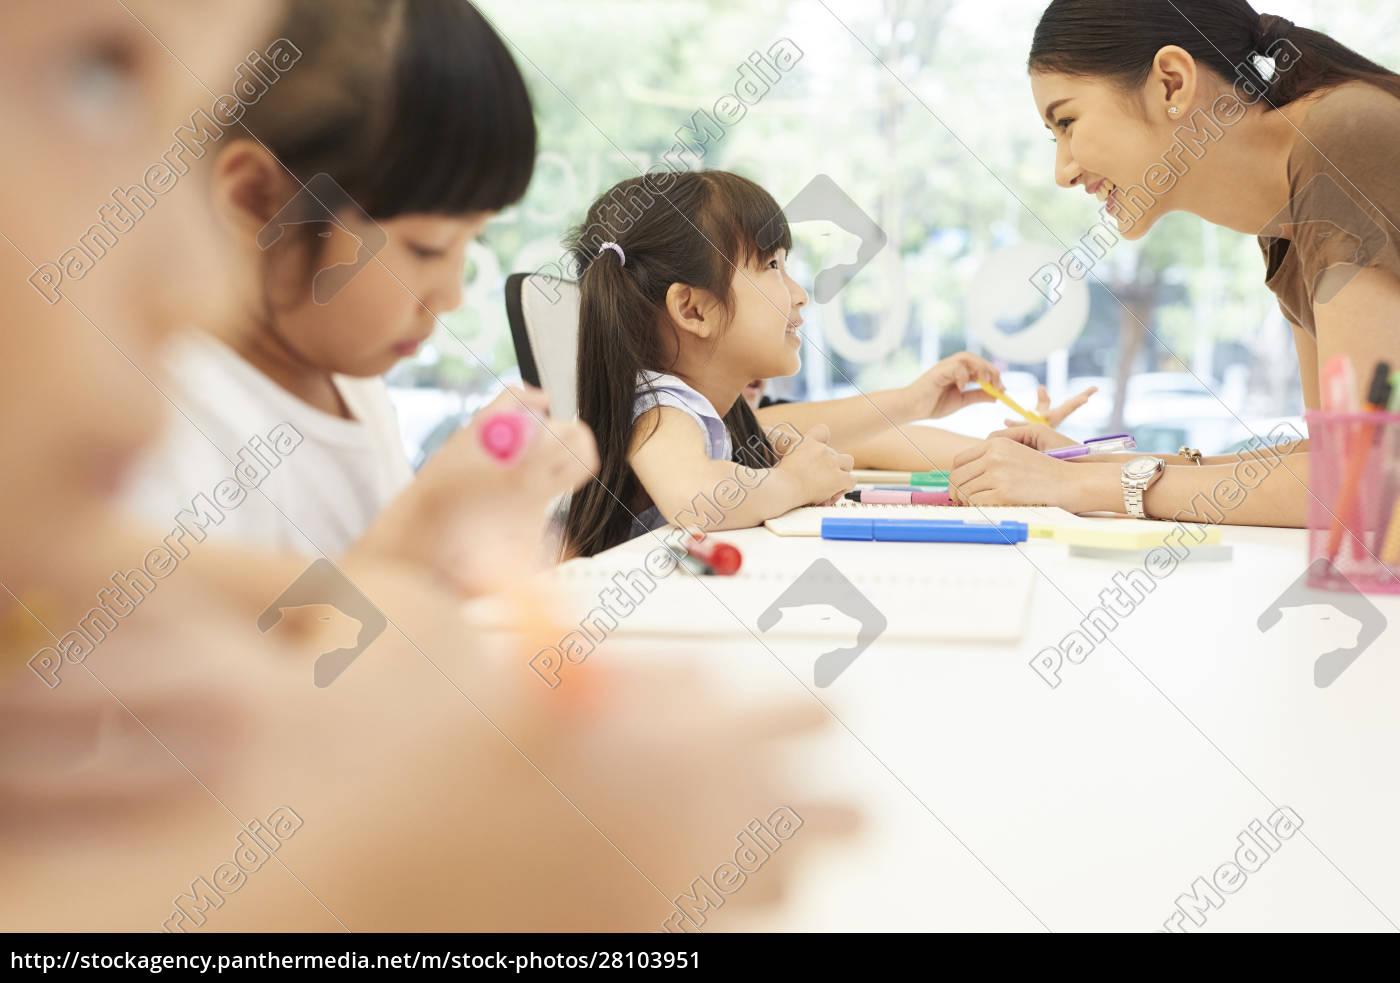 Życie, szkolne, dla, dzieci, w, wieku - 28103951